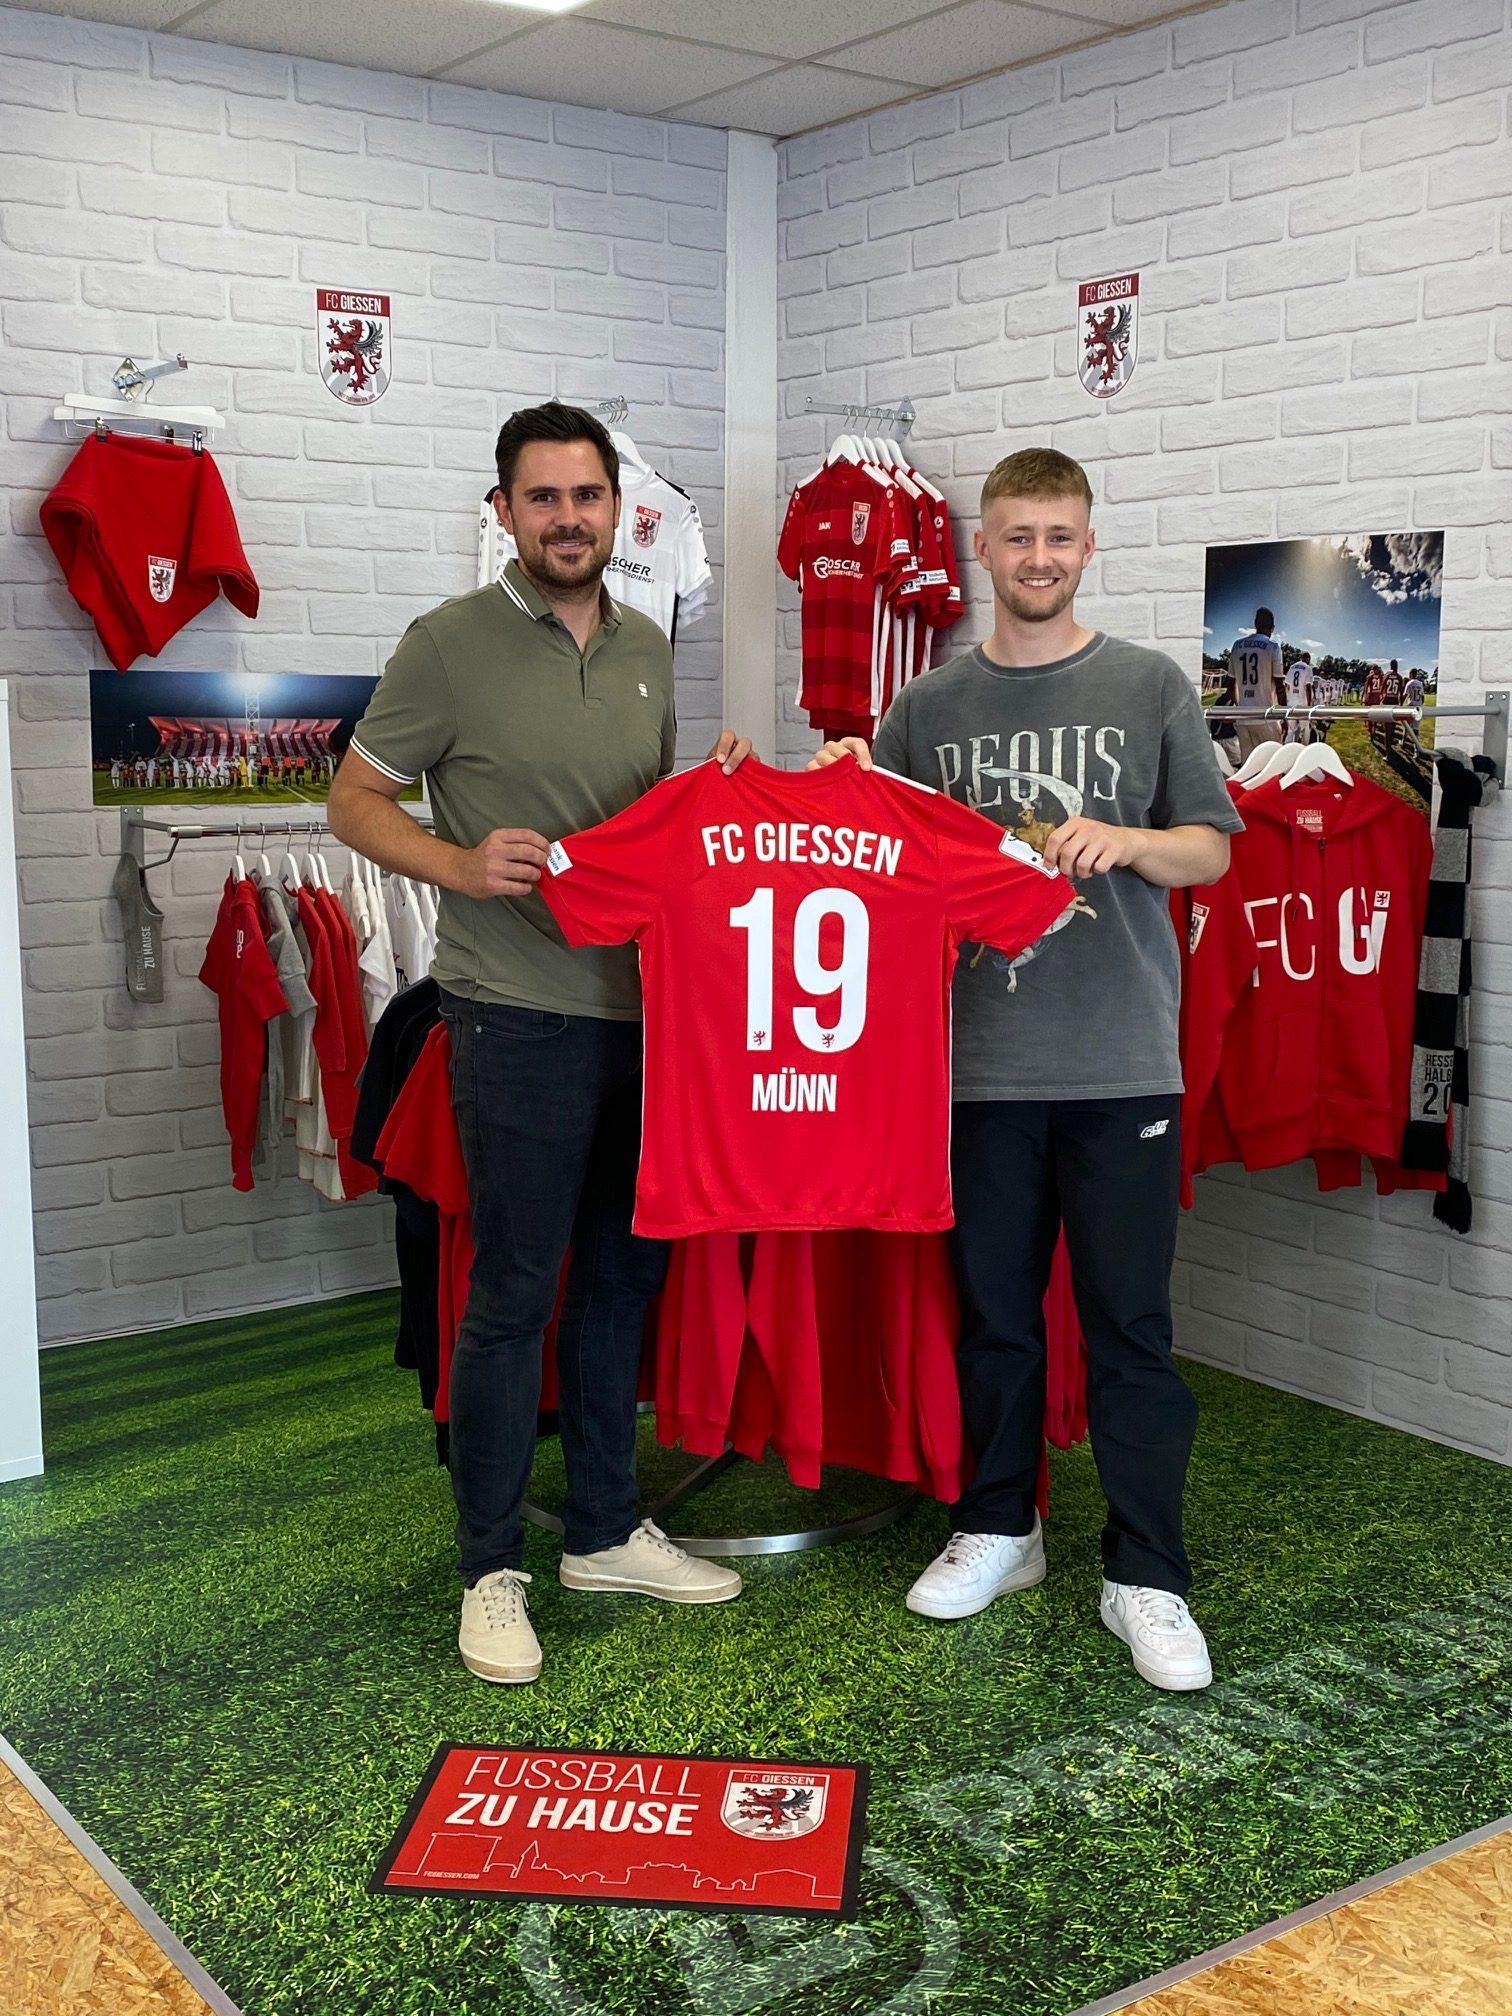 Münn kommt zum FC Gießen